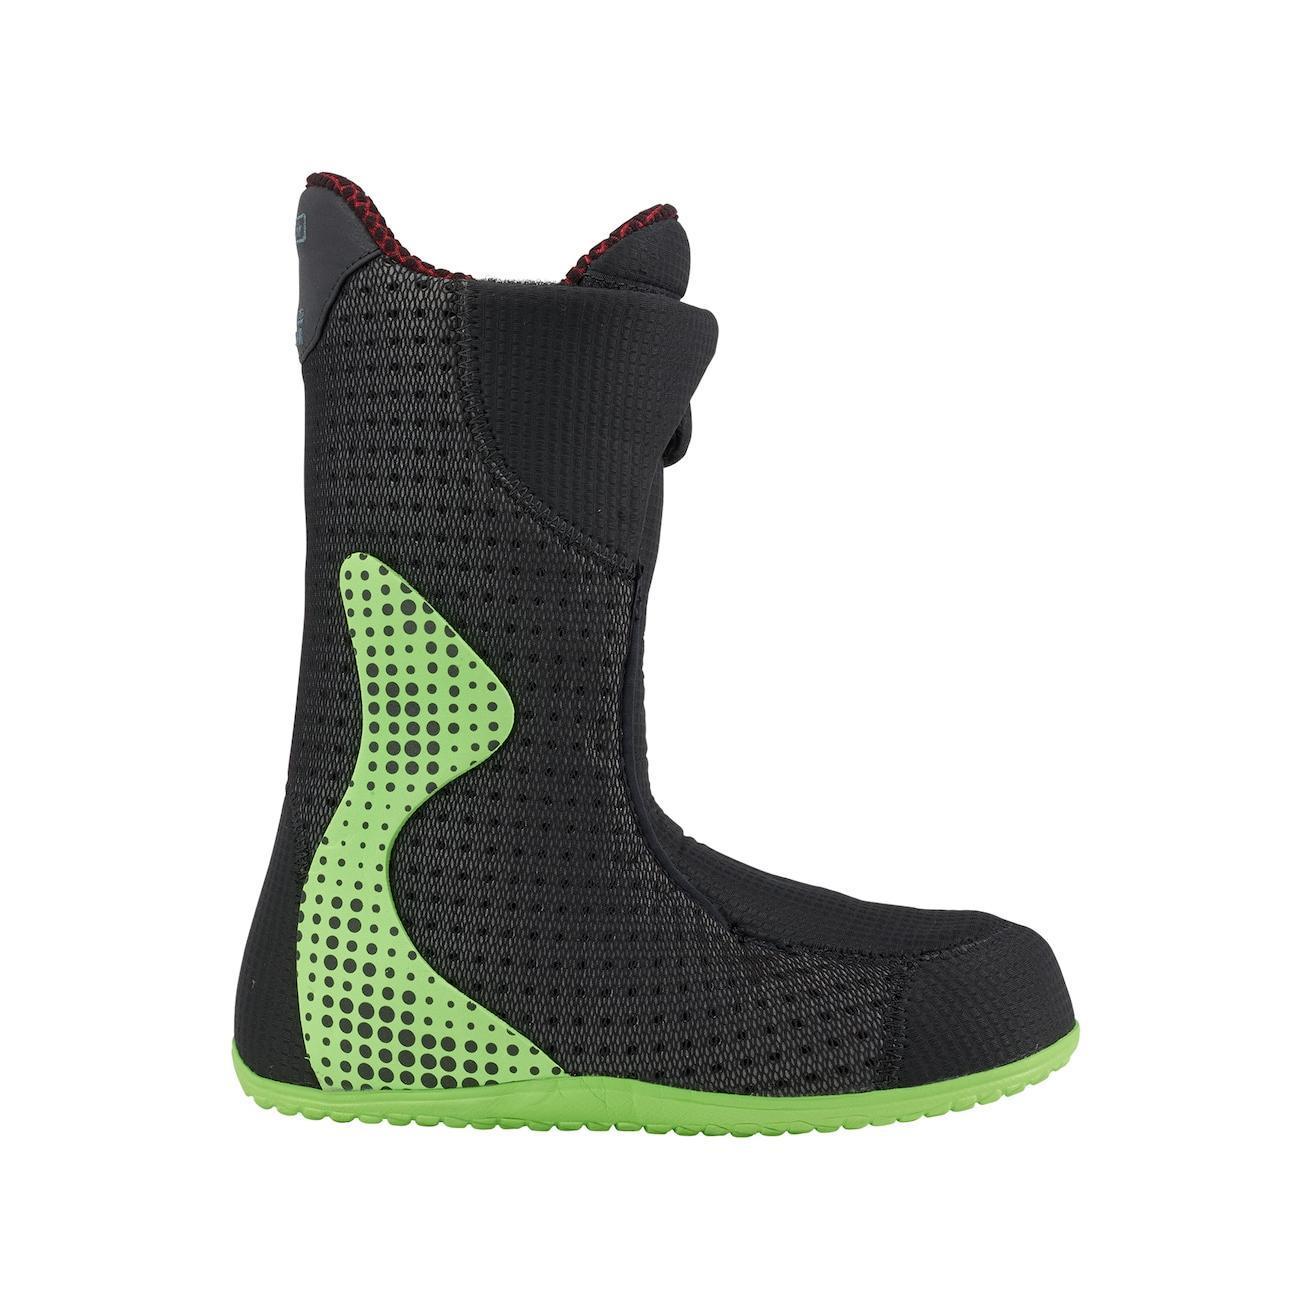 Ботинки Для Сноуборда Burton 2017-18 Slx Black/gray